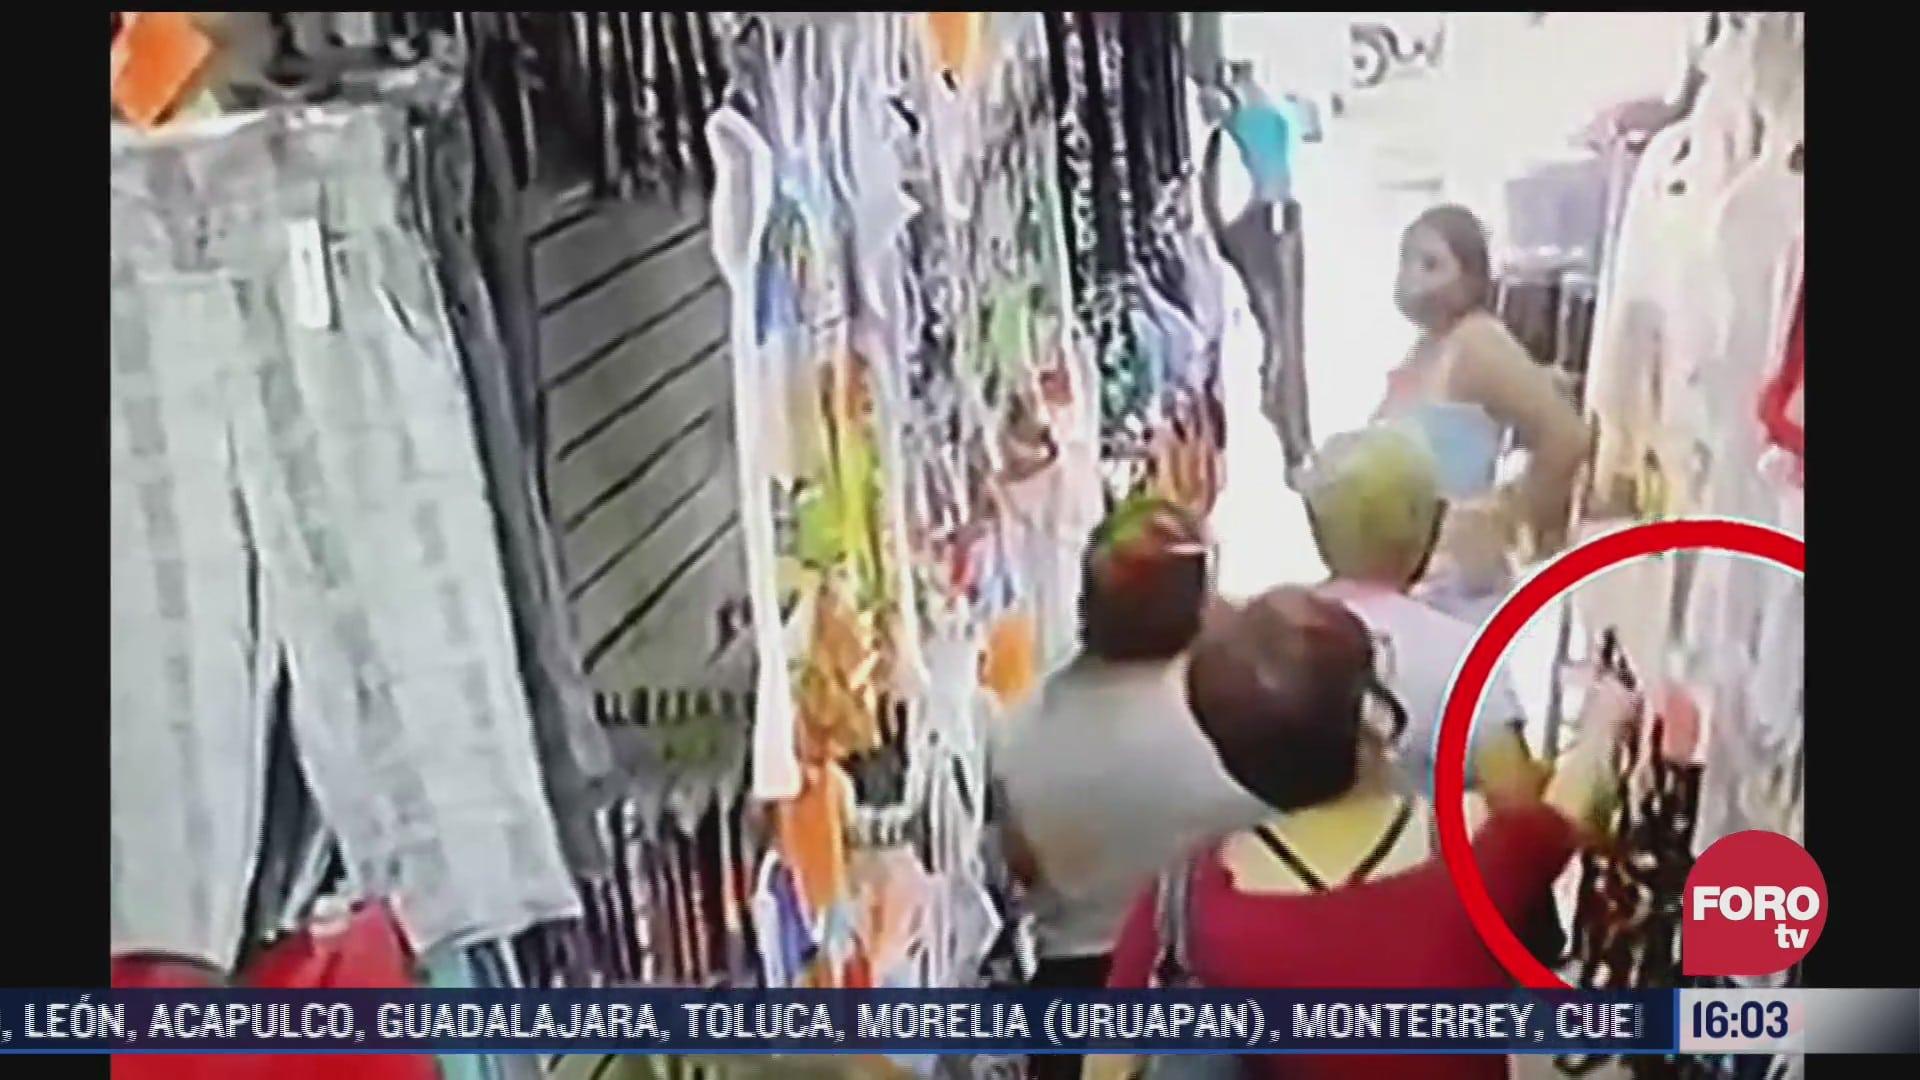 video captan a mujeres robando ropa en una tienda de monterrey